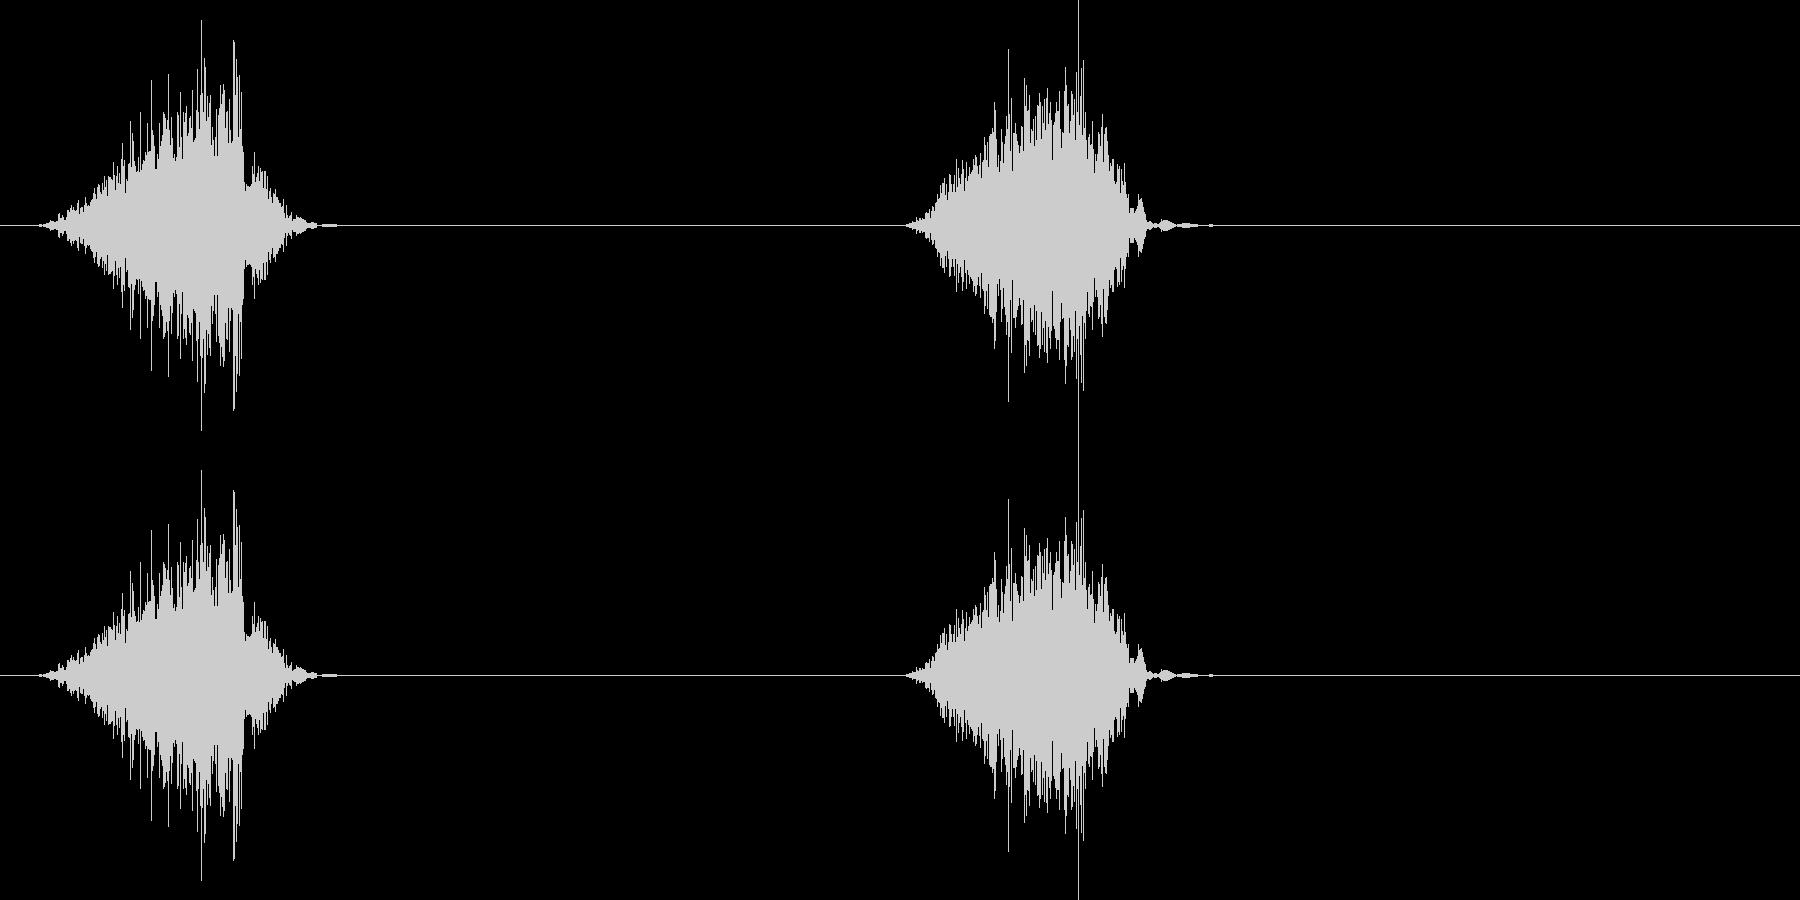 ジャリ、ジャリ(砂を踏んだ音)の未再生の波形